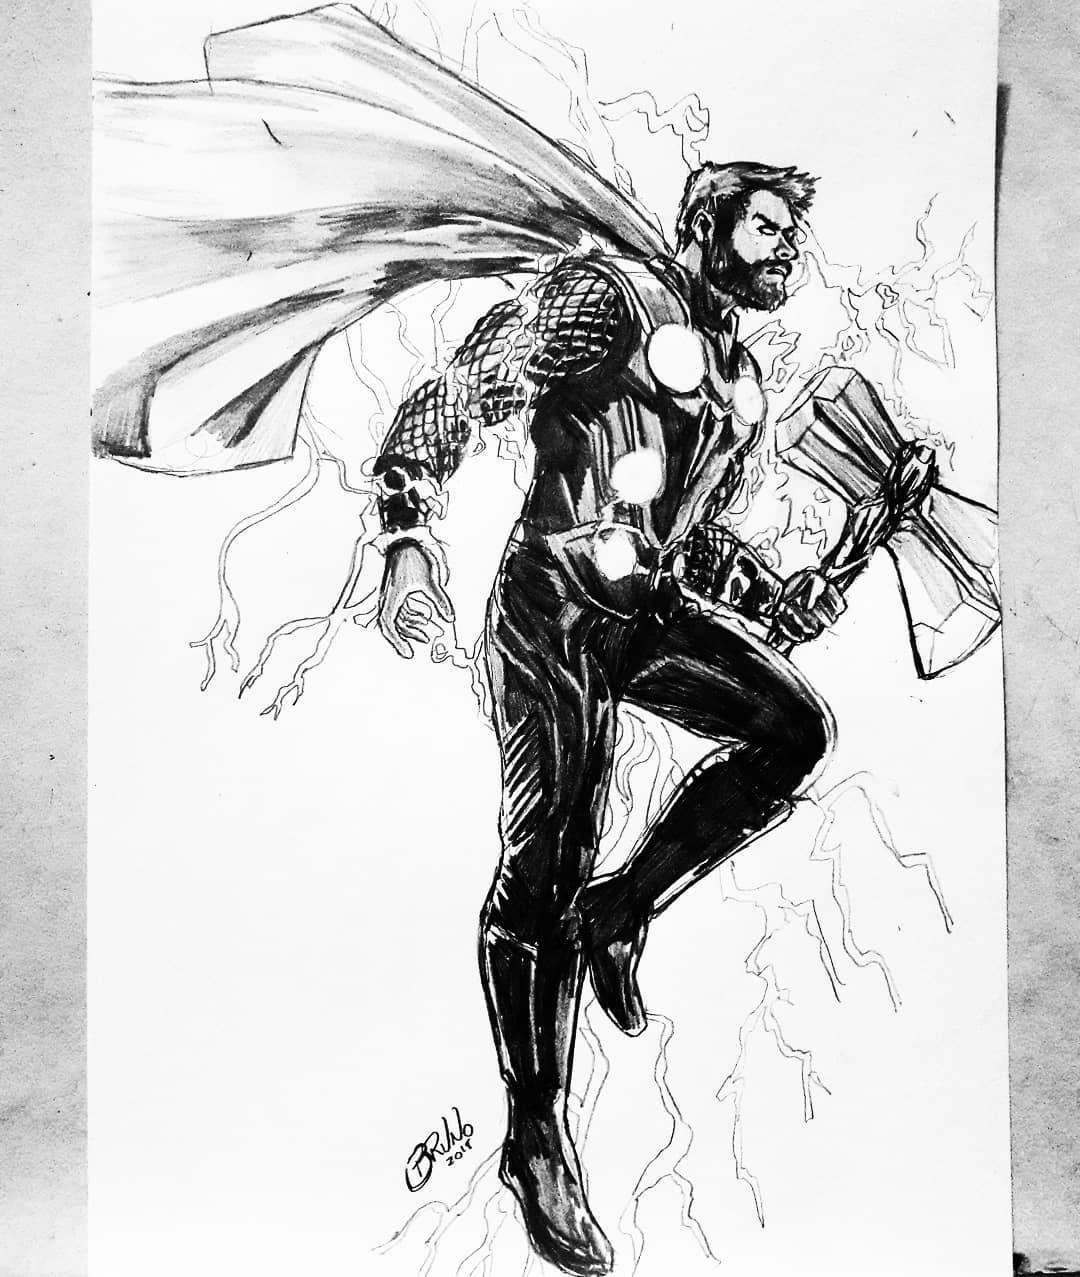 Thor Thorodinson Stormbreaker Avengersinfinitywar Avengers Asgardian Marveluniverse Marvel Marvelstudio Avengers Drawings Marvel Drawings Avengers Art